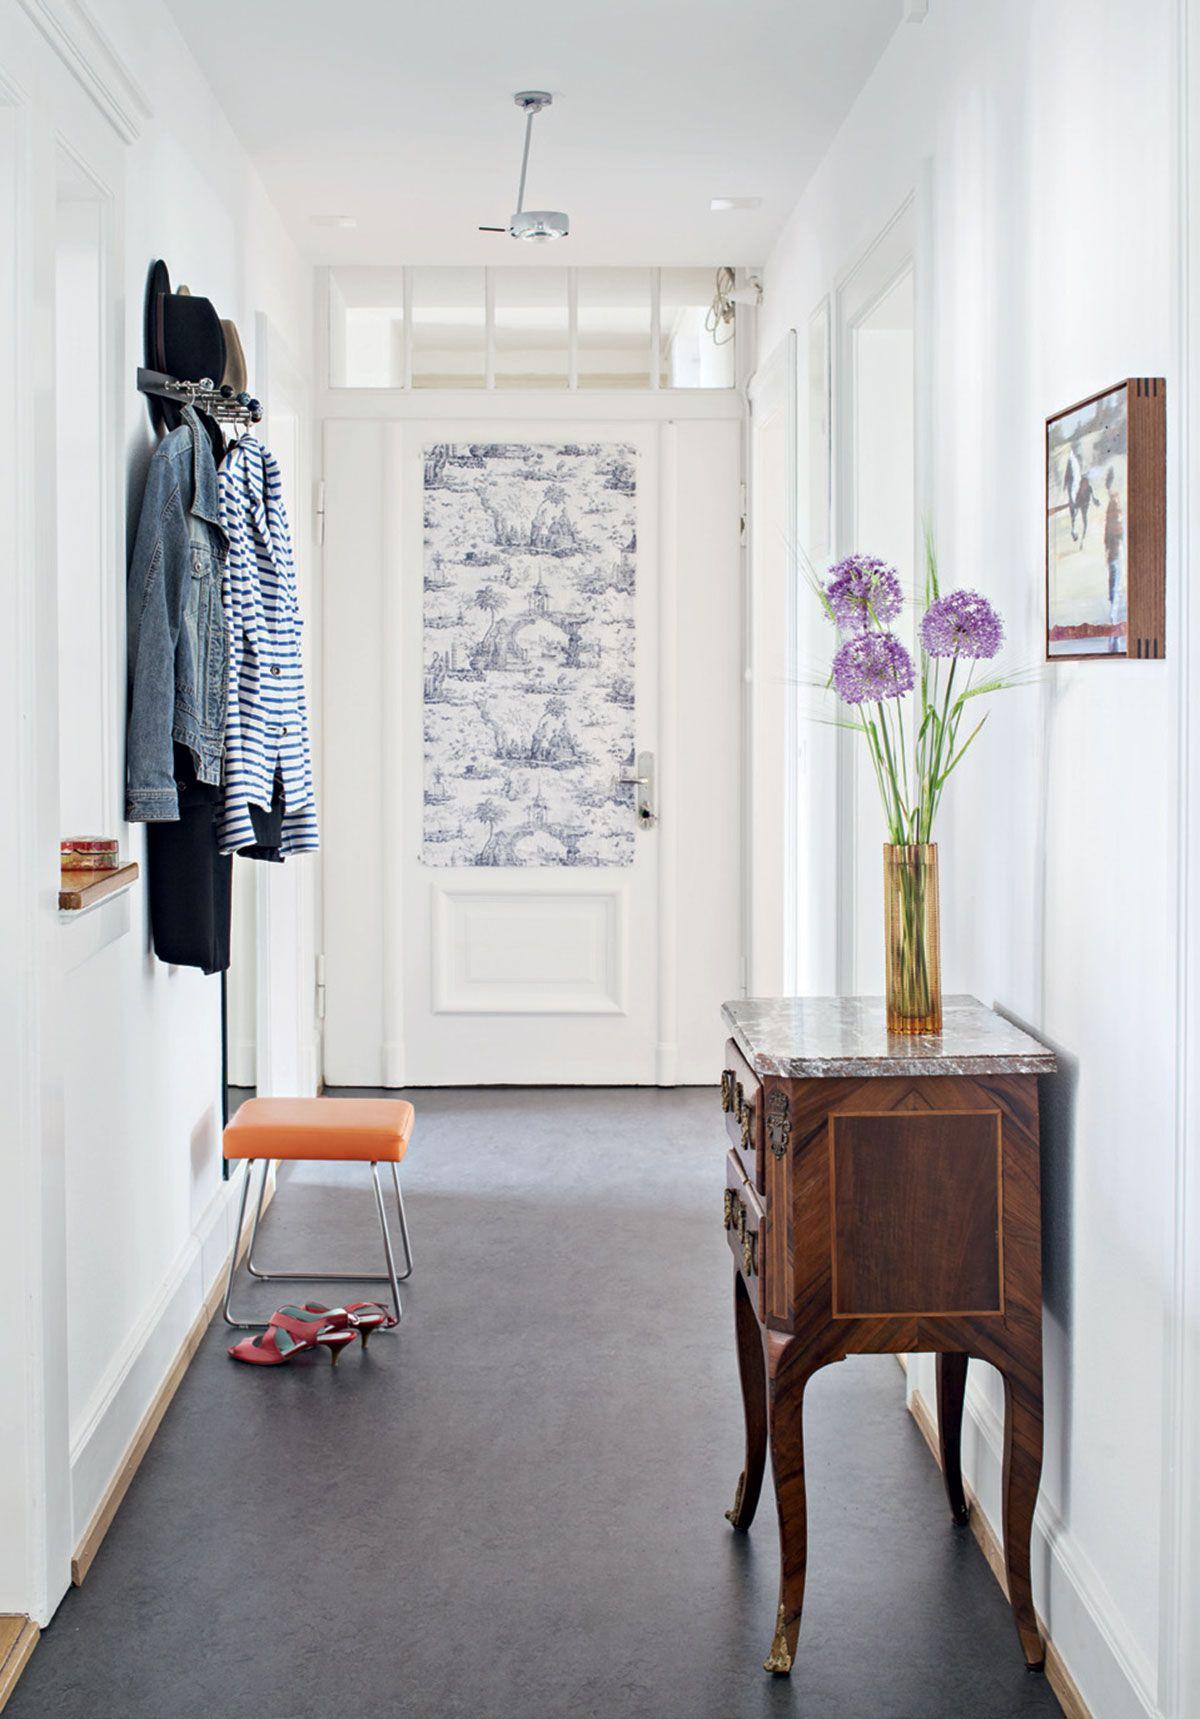 Doris on vaihtanut eteisen mustan lattian tumman-harmaaksi, joka sopii tilaan hyvin. Näkymä kylpyhuoneen ovelta kohti rappukäytävään johtavaa ulko-ovea on rauhallinen. Oranssi jakkara on särmikäs pari antiikkilipastolle, joka on Doriksen ex-anopilta. Seinälle on ripustettu australialaisen taiteilijan, Brett Weirin öljyväriteos.